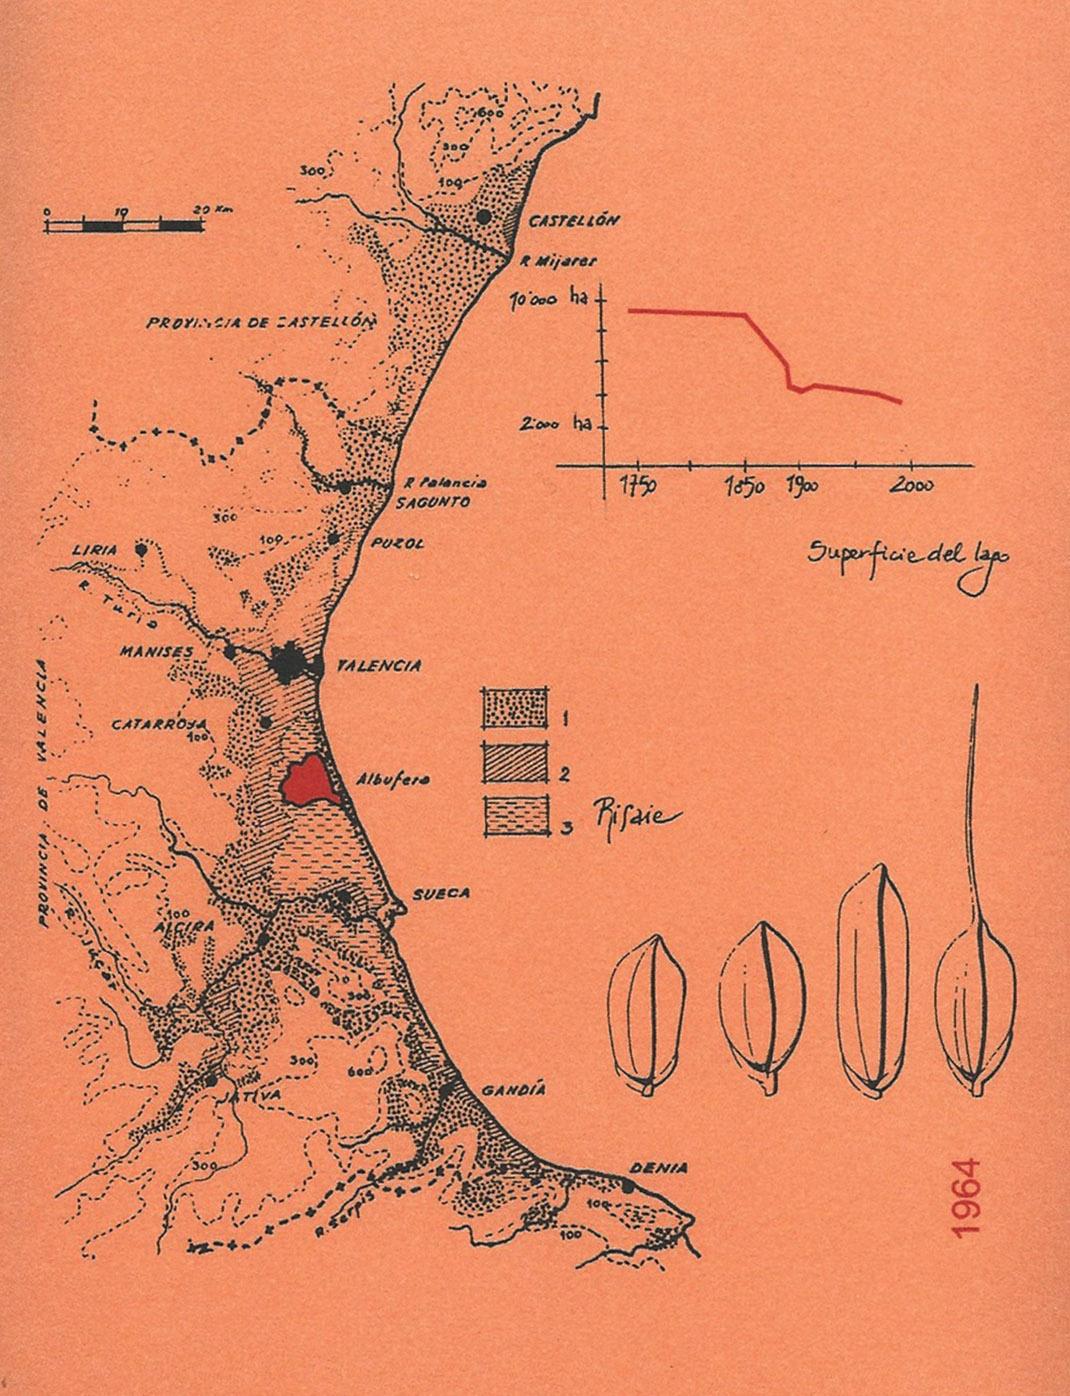 atlante energetico-catalogo-glossario-immagine2-crop-crop